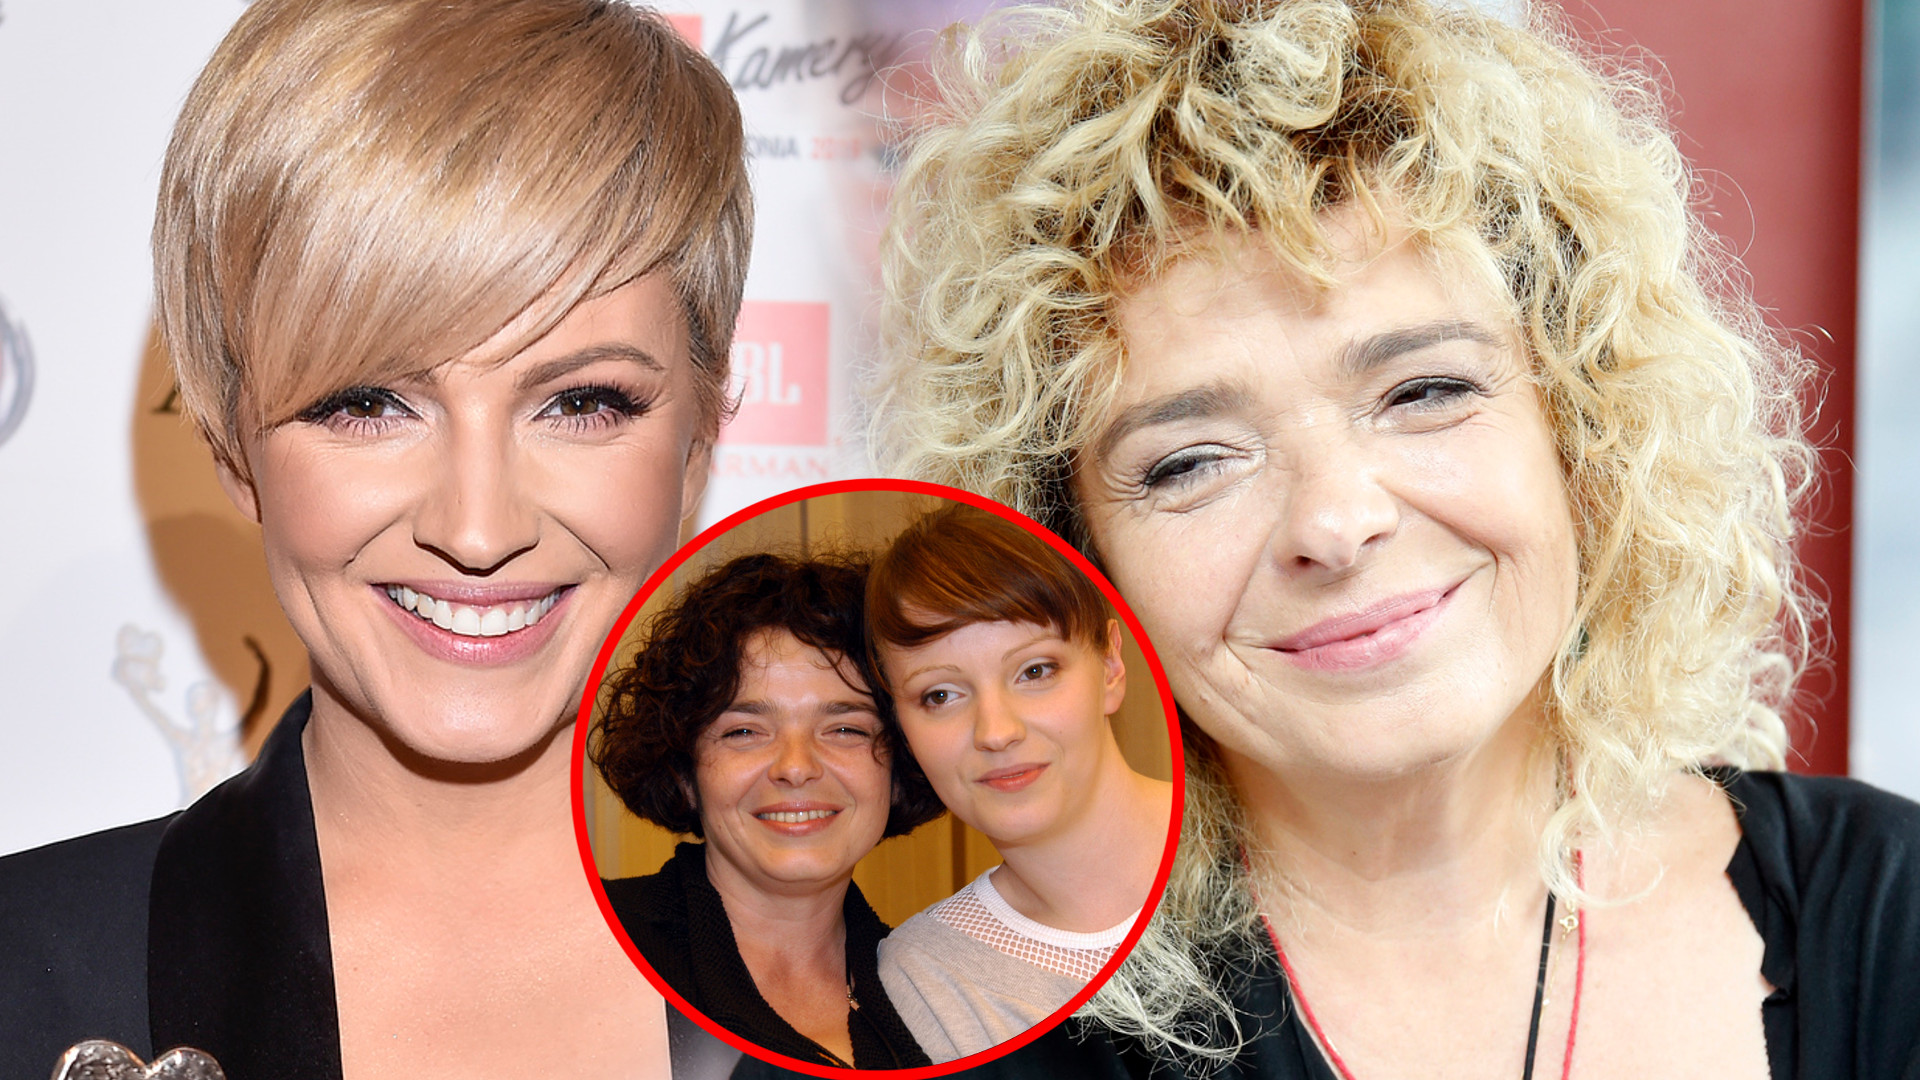 Dorota Szelągowska na zdjęciu z mamą, Katarzyną Grocholą. Fani: Jesteście identyczne! (Instagram)